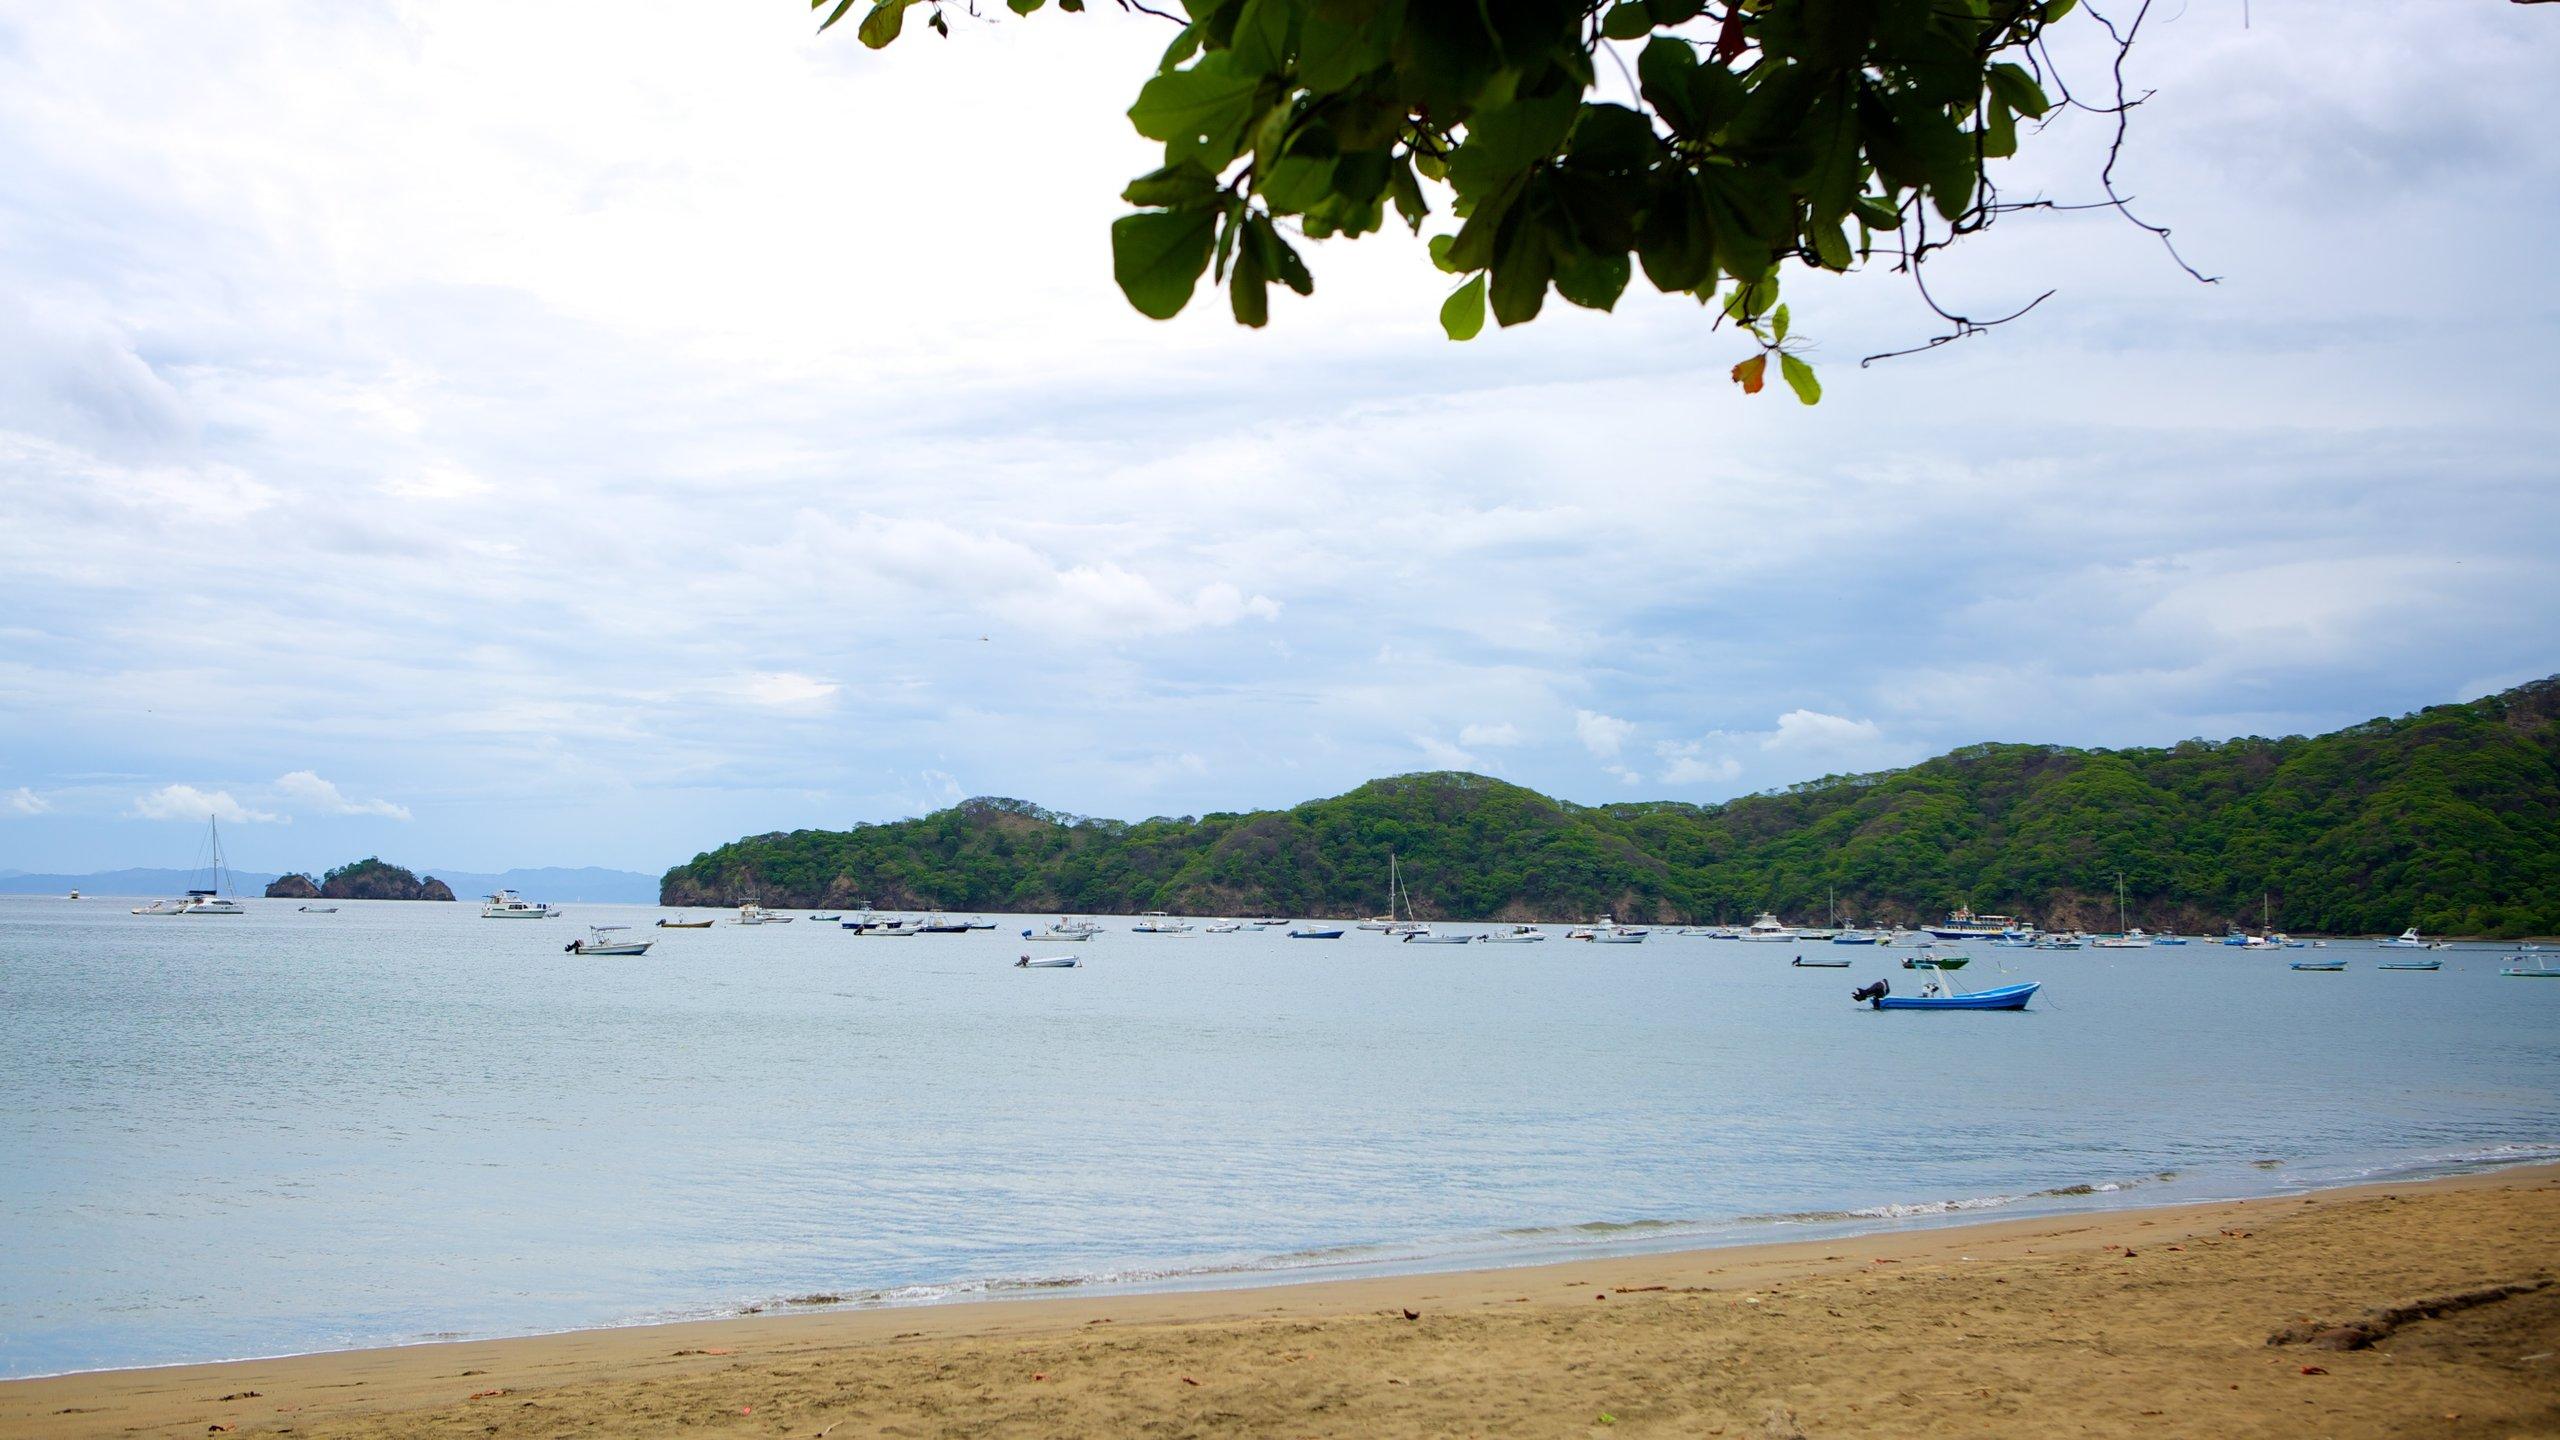 Pacifico, Coco, Guanacaste, Costa Rica